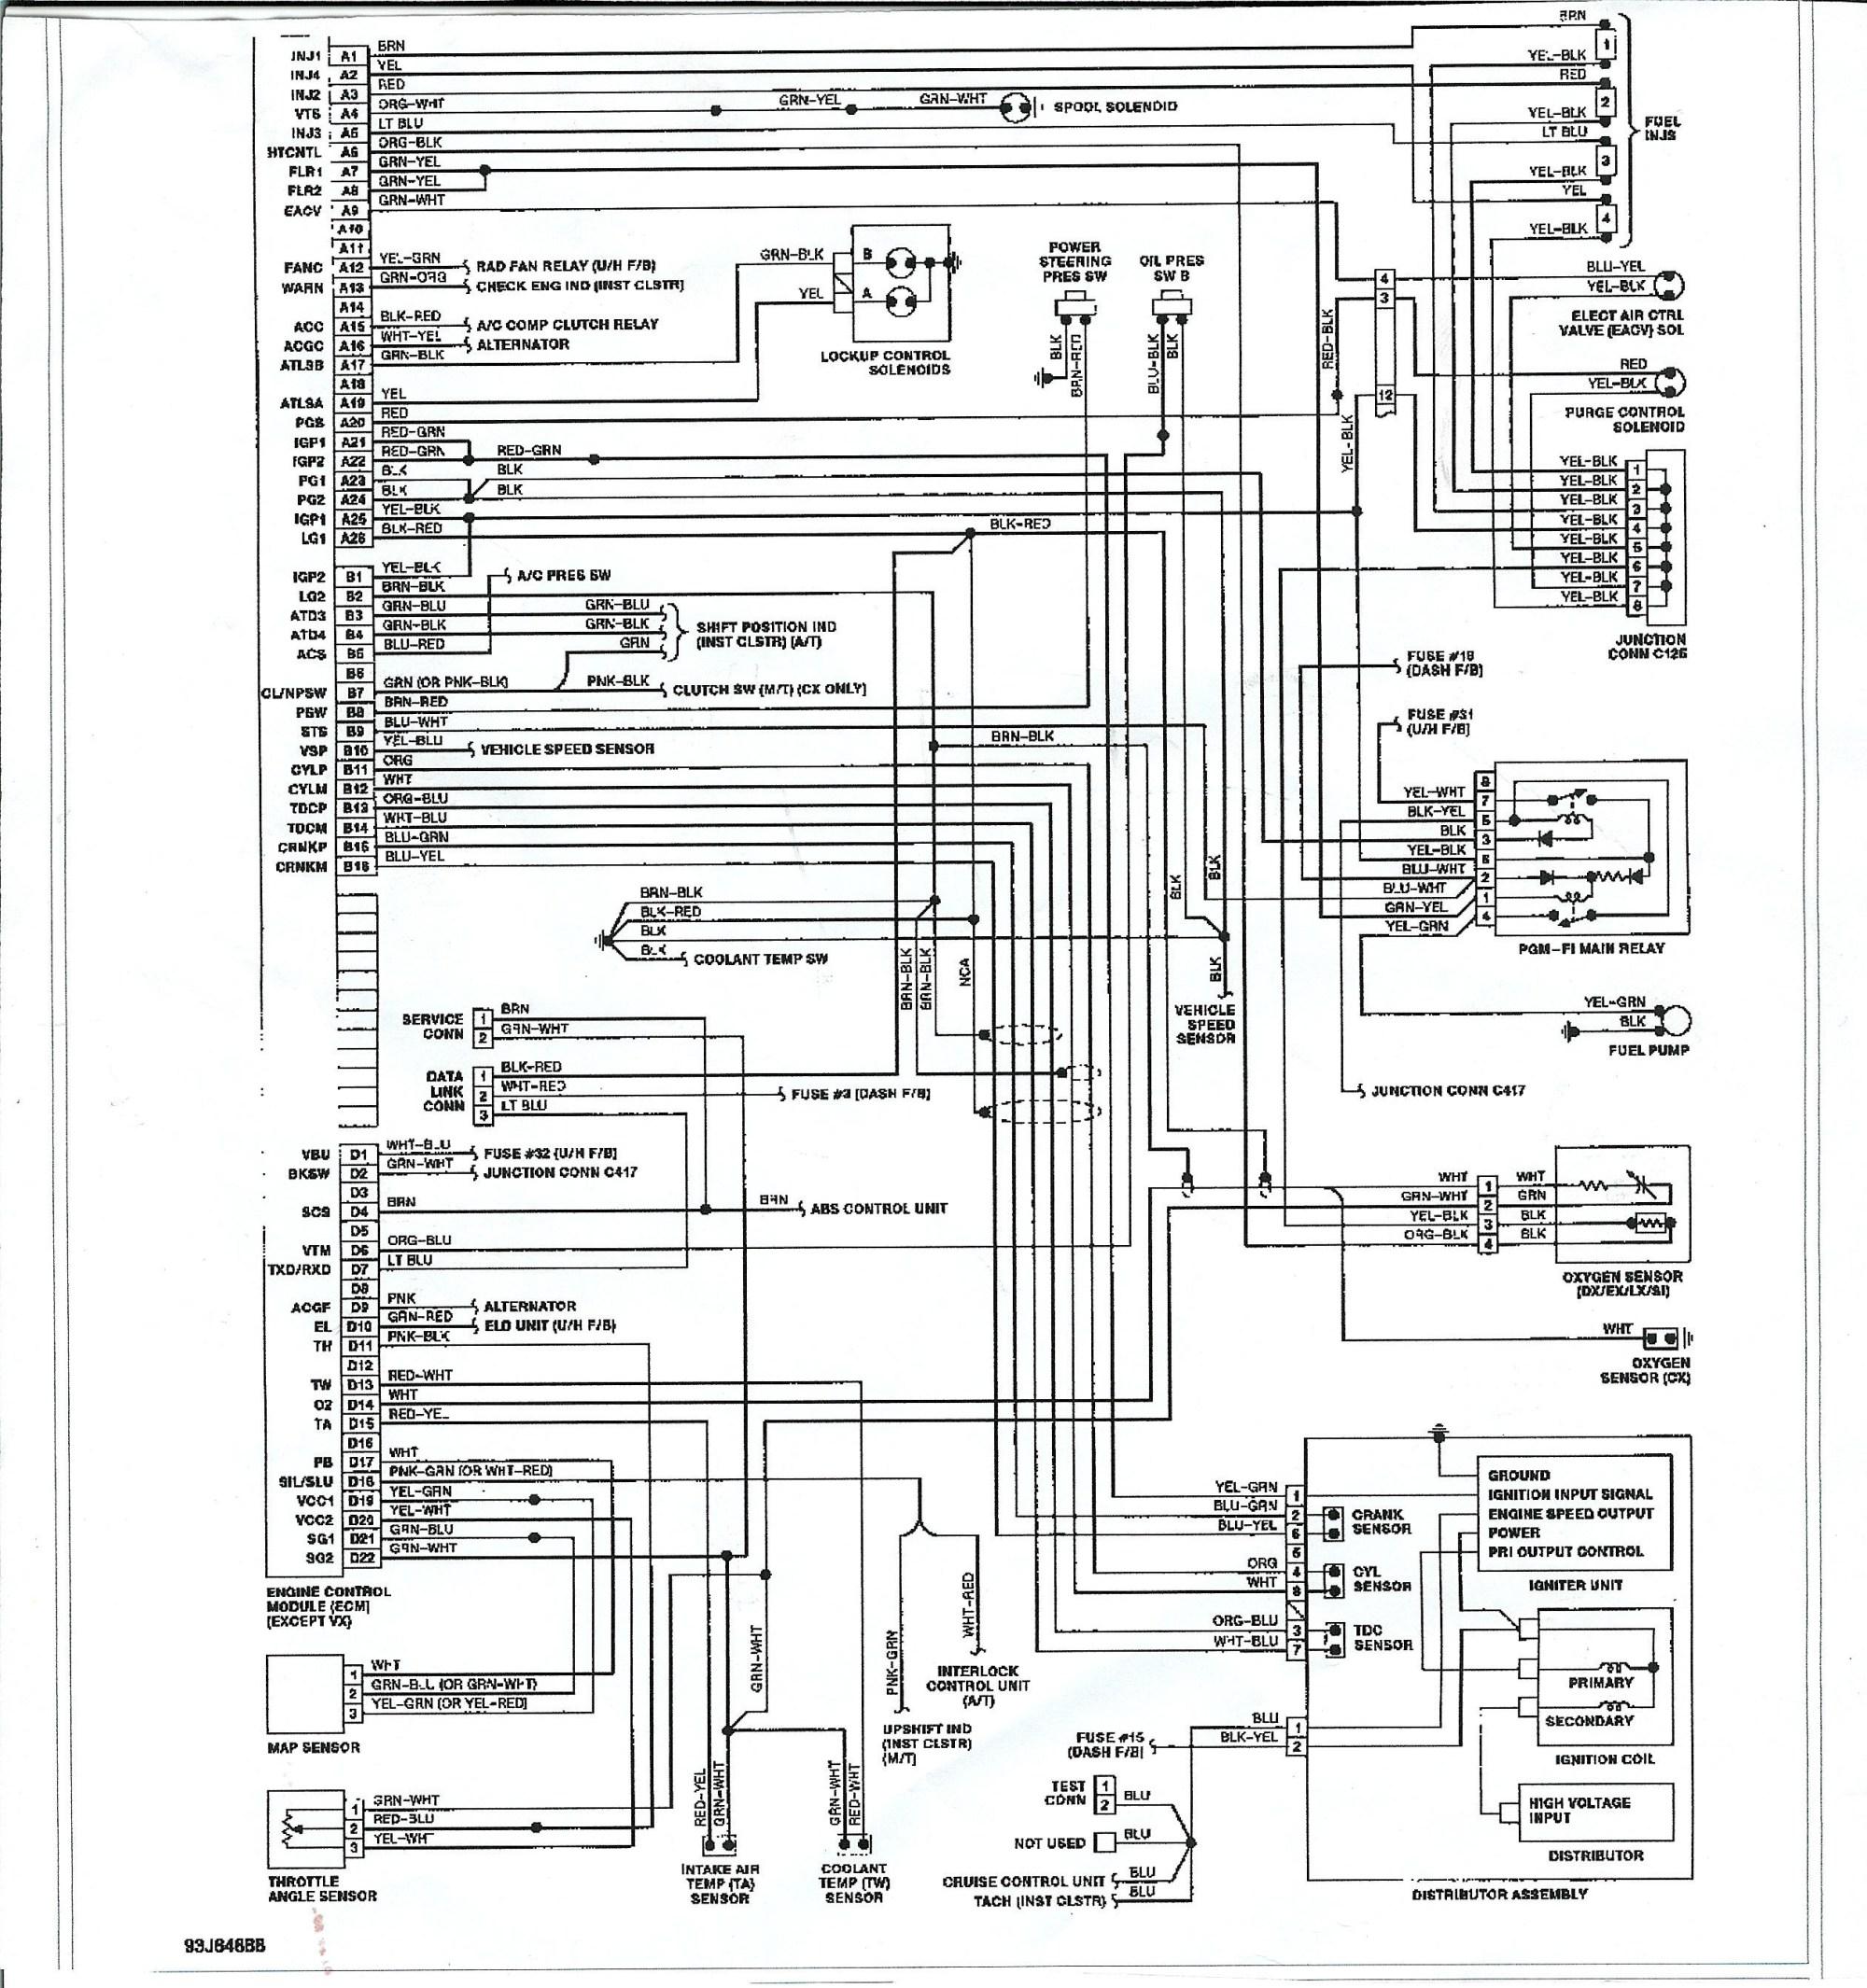 hight resolution of d16 engine diagram 5 19 sg dbd de u2022d16 engine diagram fmp yogaundstille de u2022